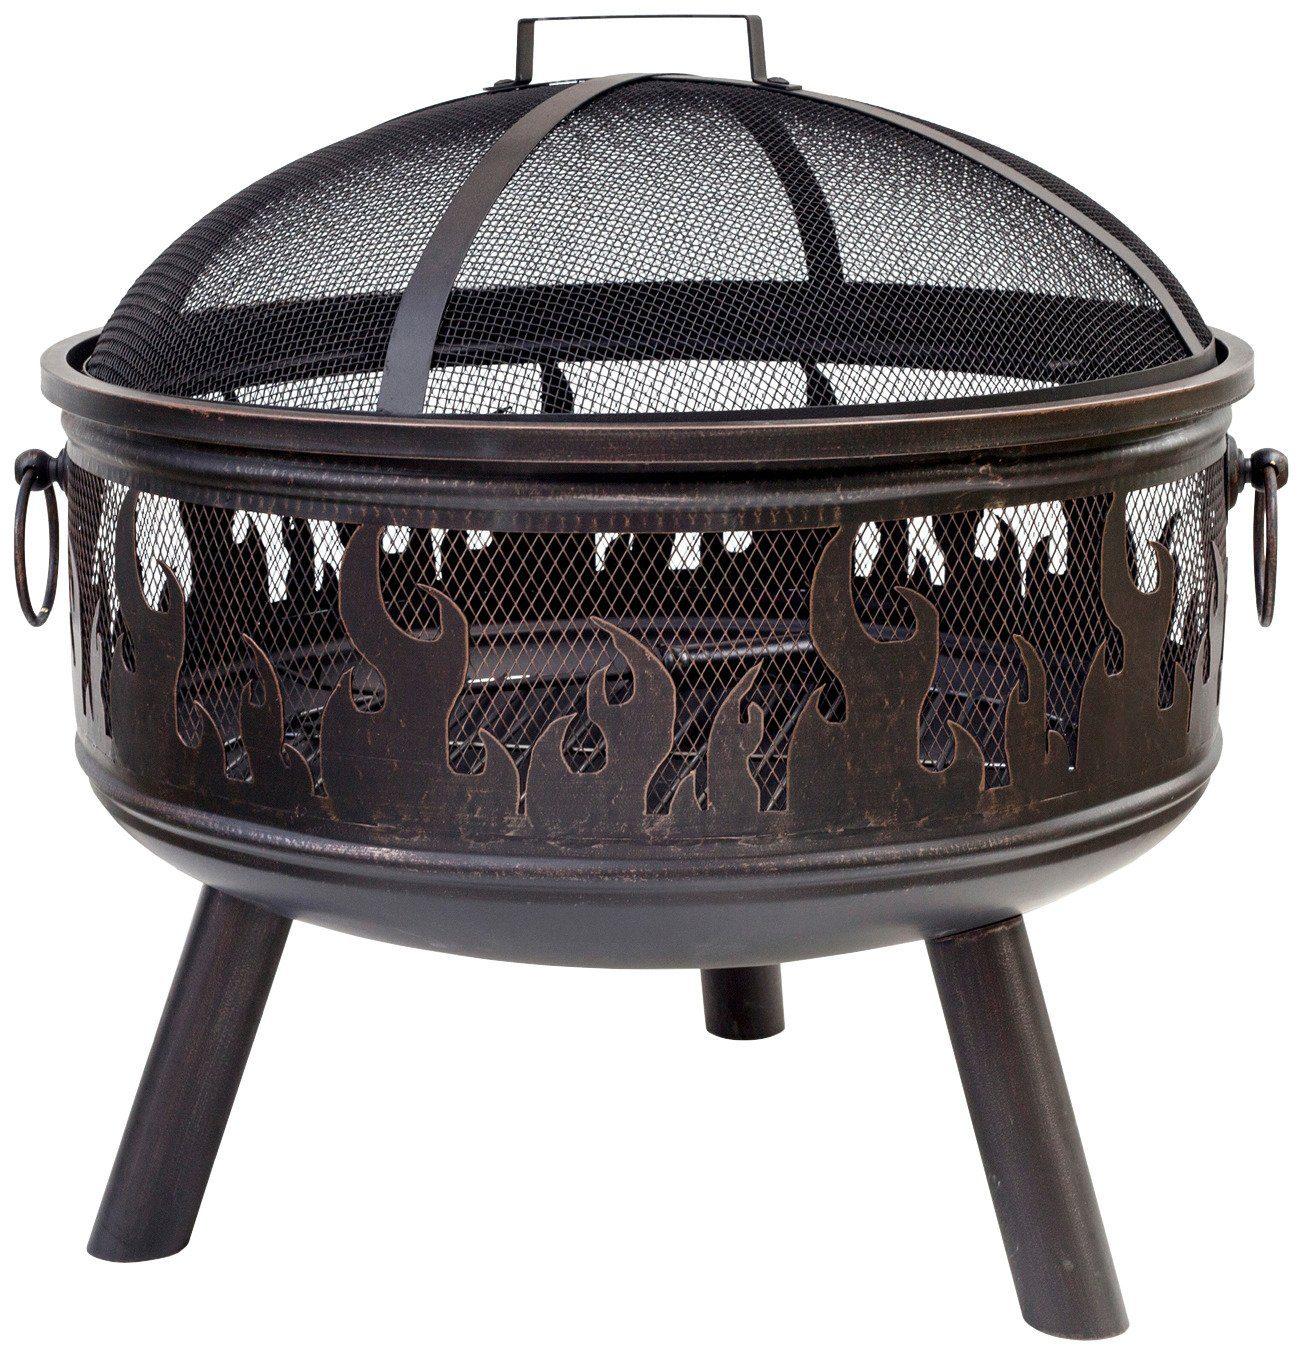 Feuerkorb »Wildfire« inkl. Funkenschutzhaube, bronzefarben